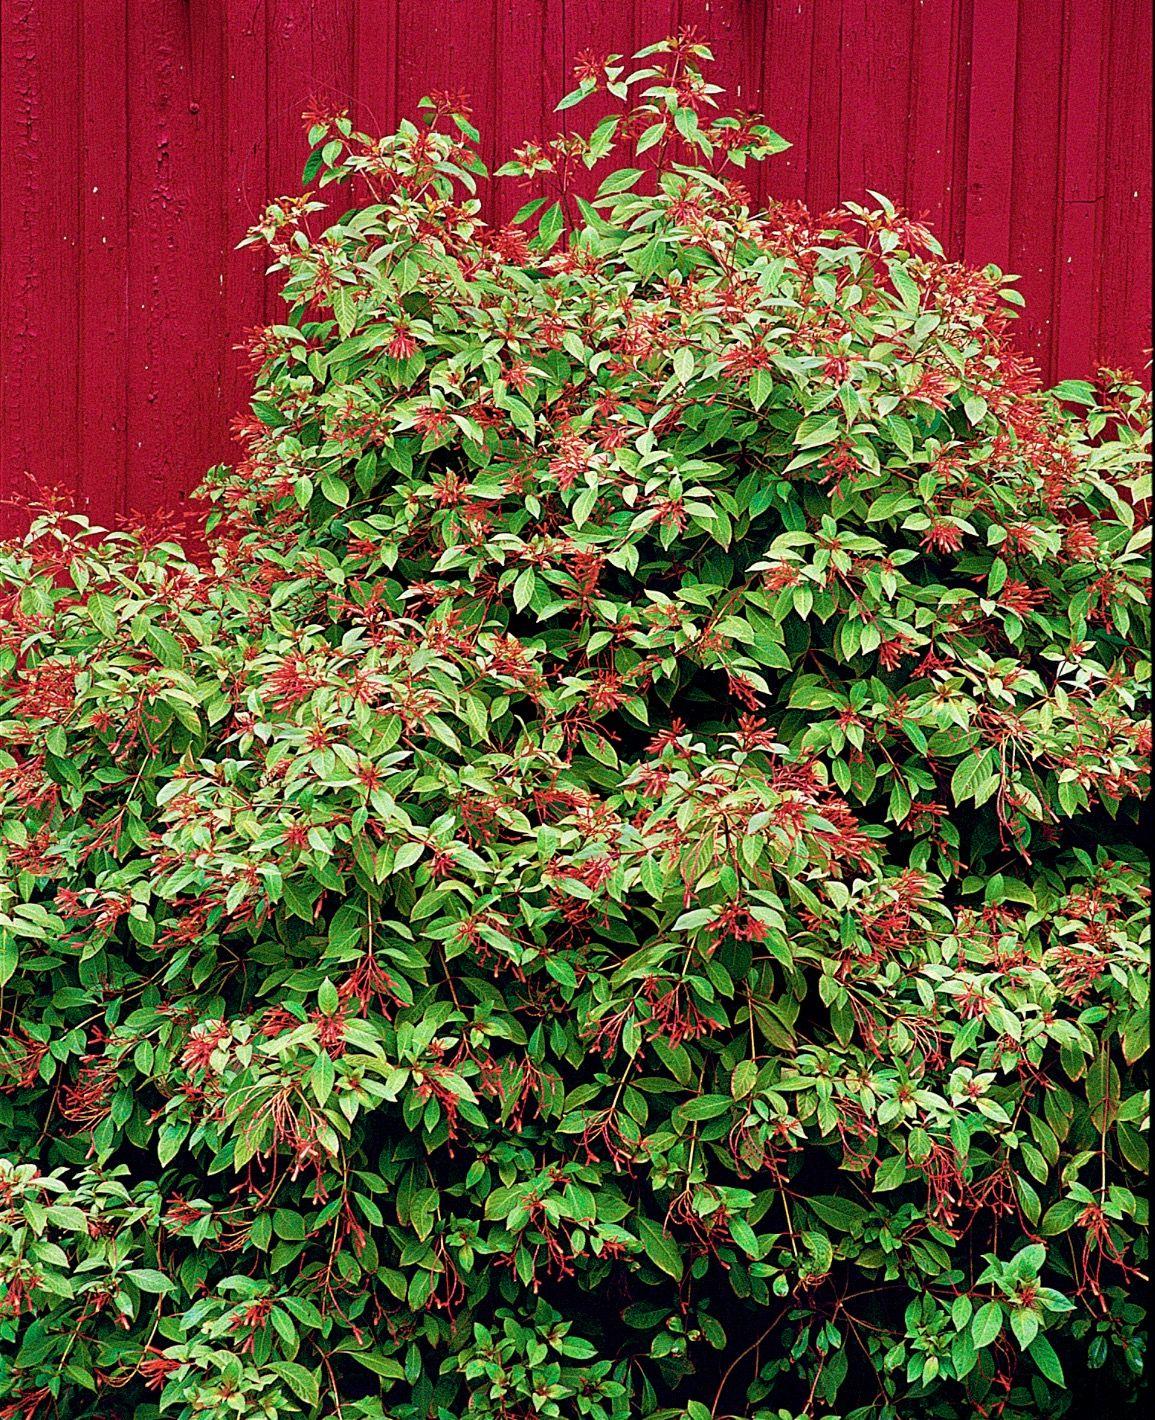 Garden Bush: Calusa Firebush (Hamelia Patens 'Calusa' Shrub, Great